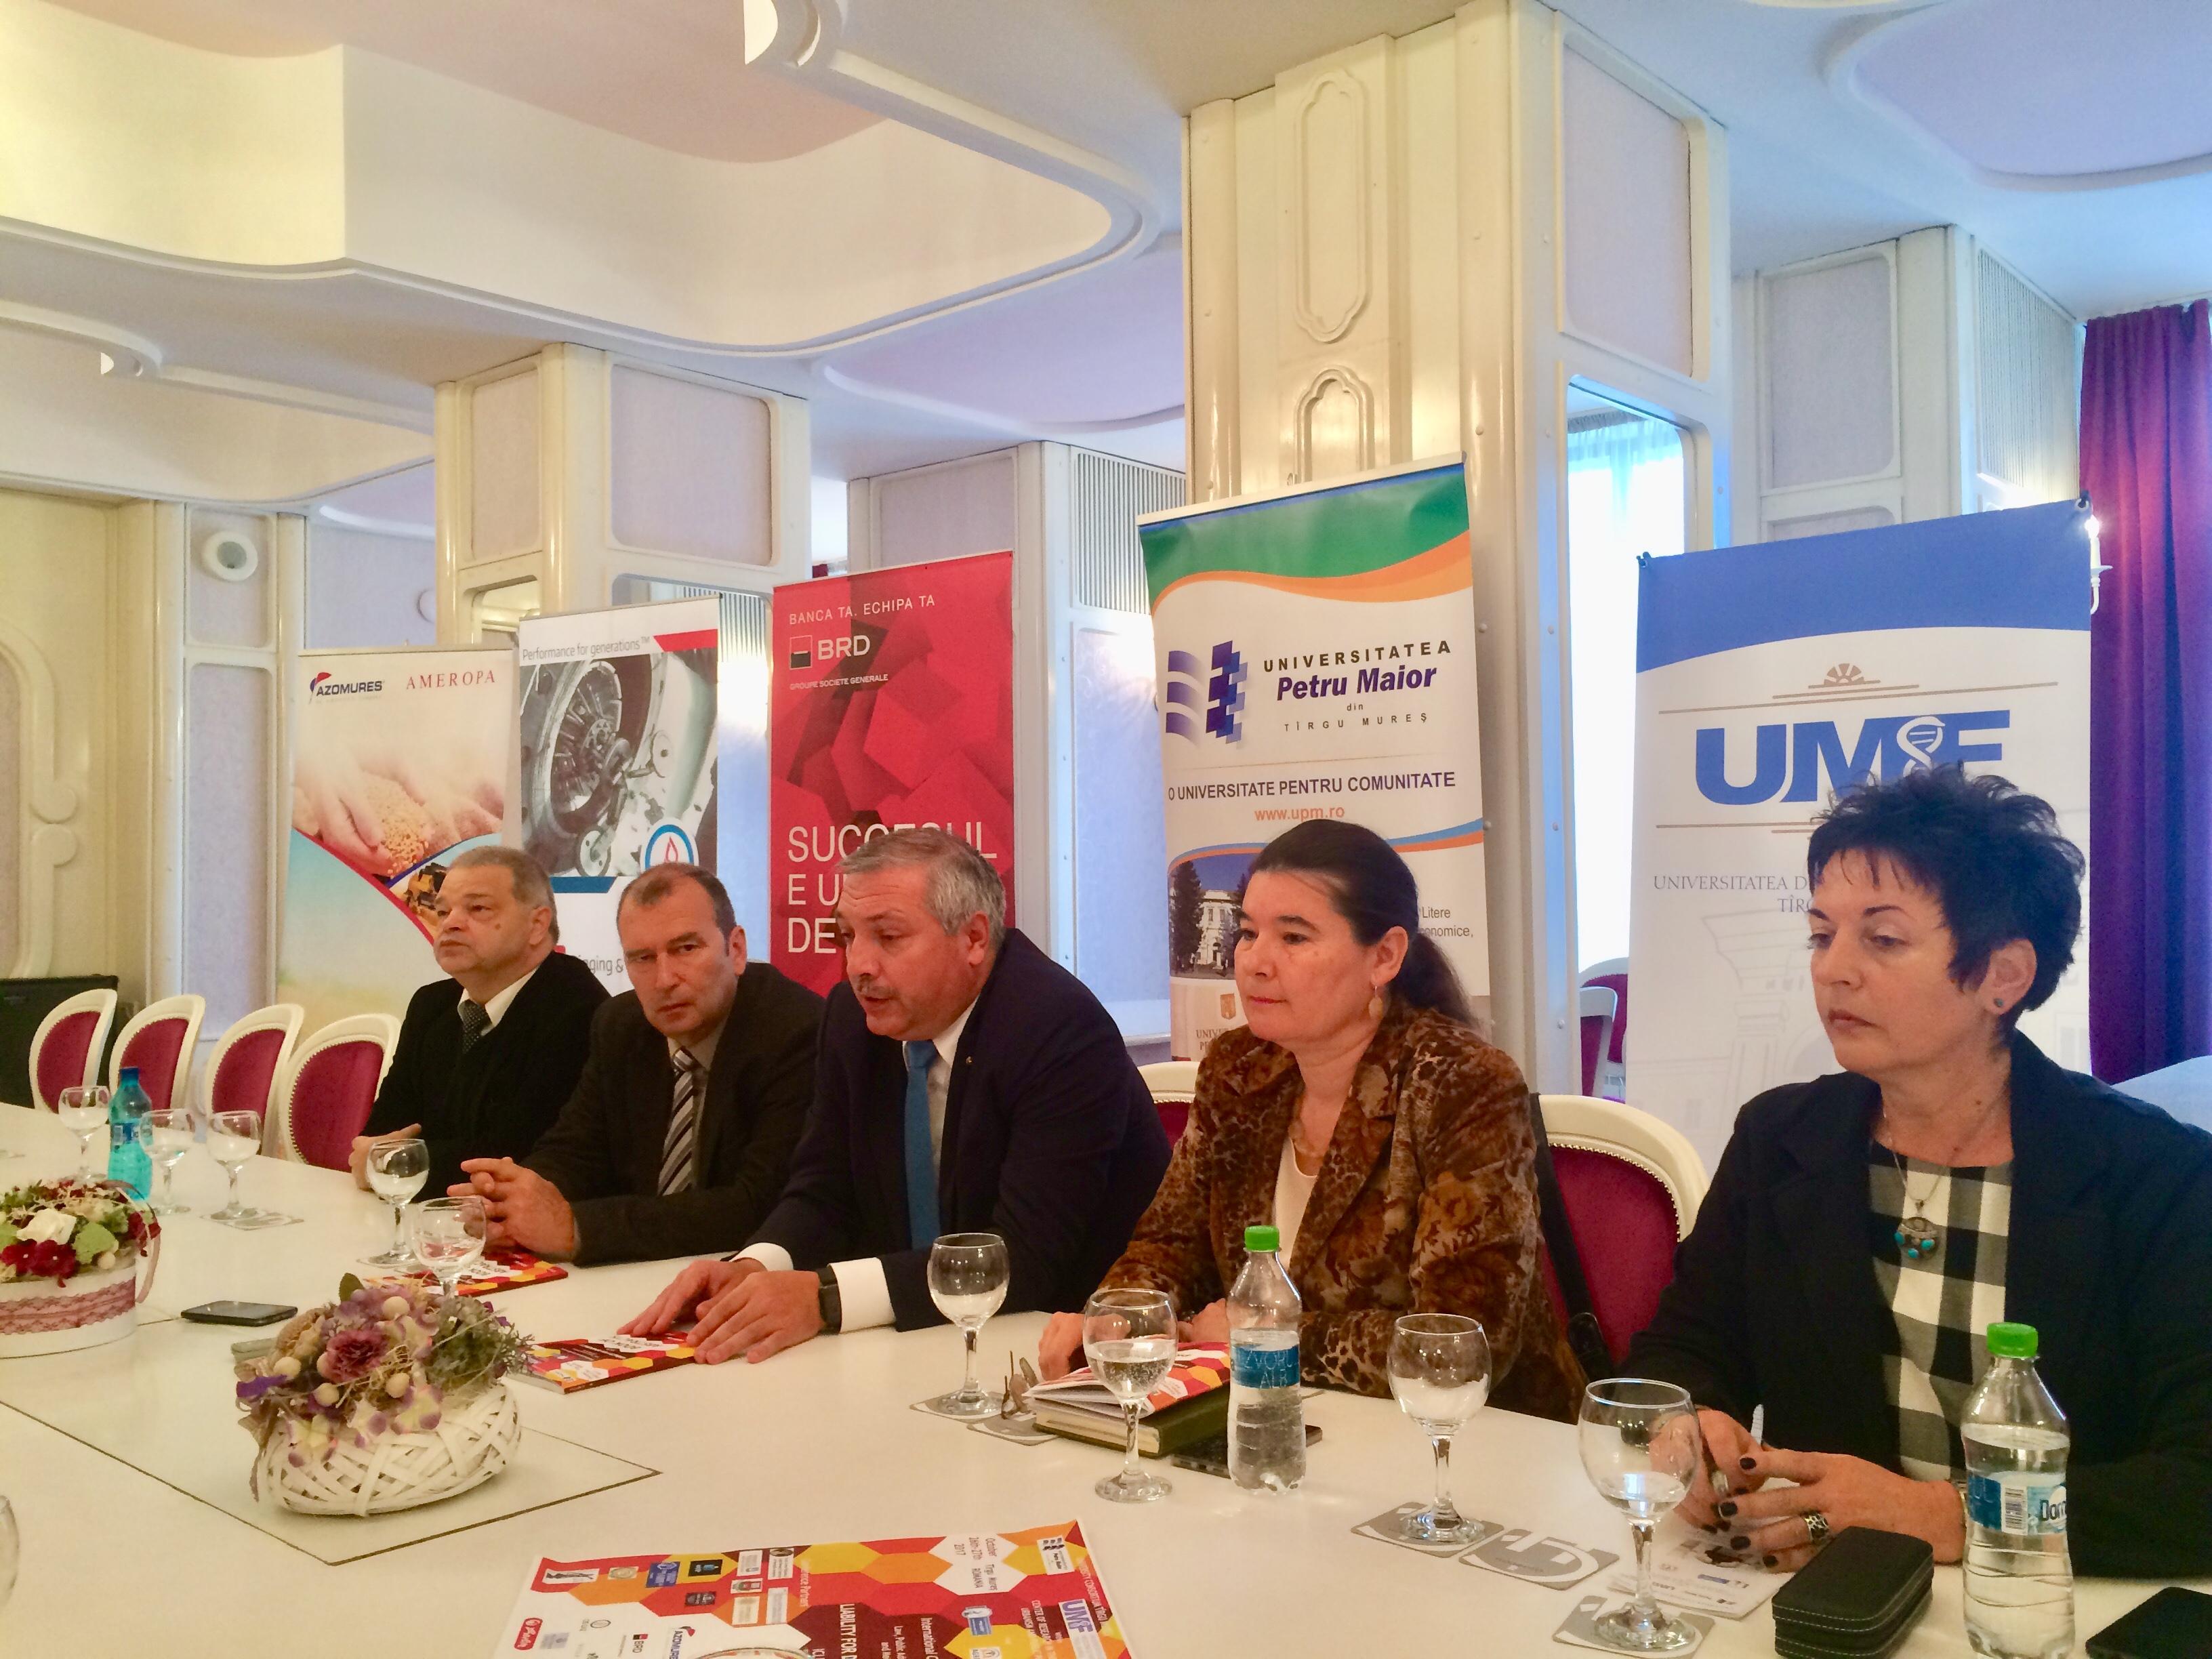 Rectorul UMF Tîrgu Mureș, mesaj de sprijinire a universităților de către autoritățile locale